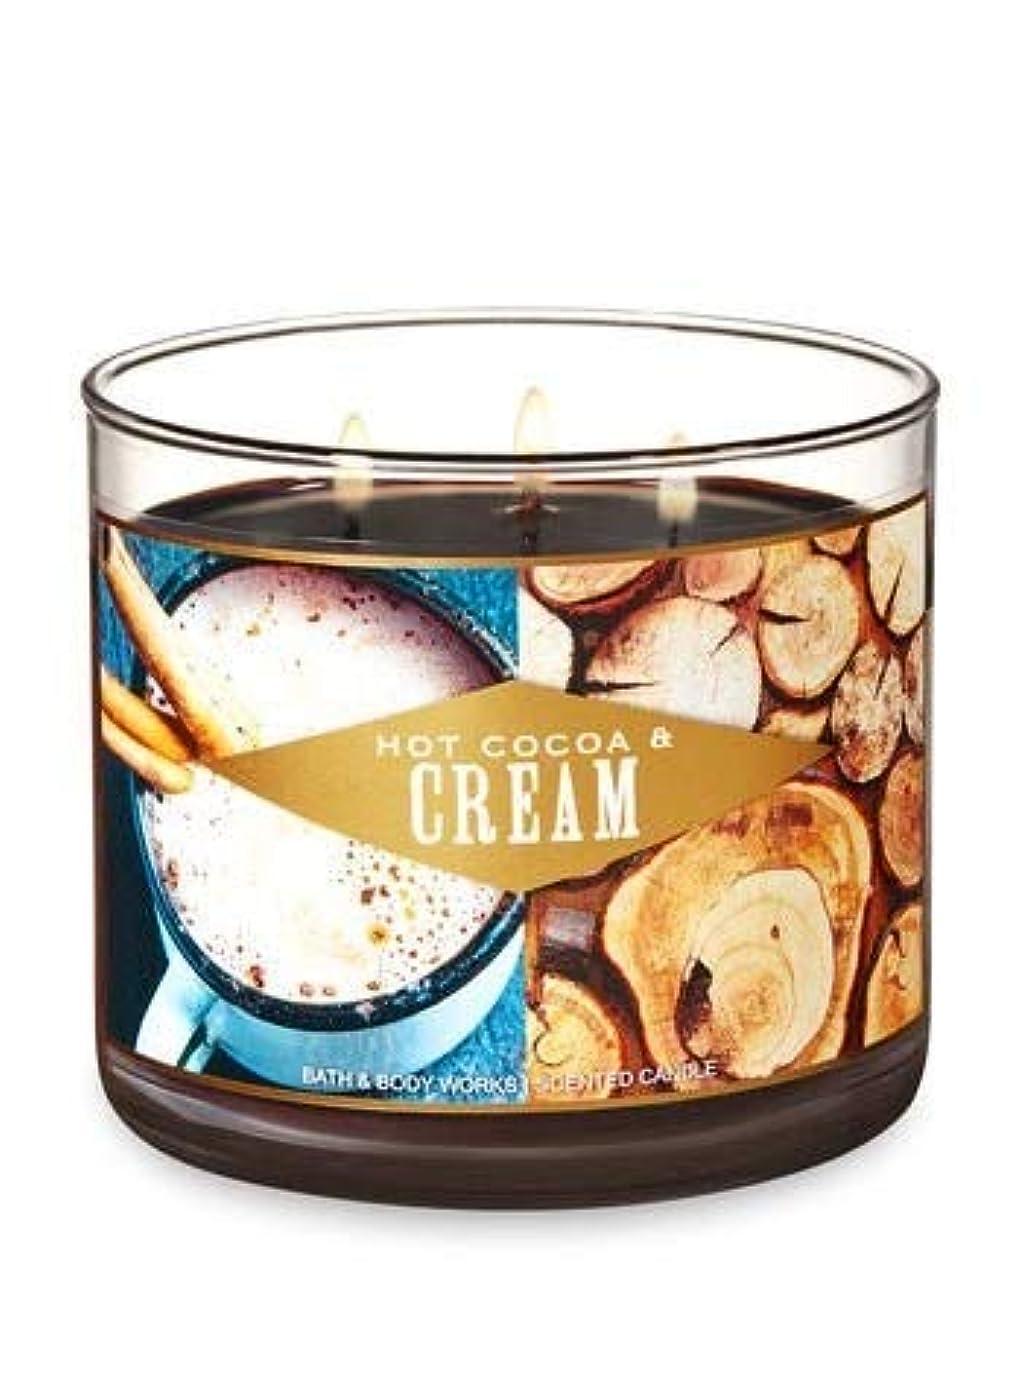 腰やめる心のこもった【Bath&Body Works/バス&ボディワークス】 アロマキャンドル ホットココア&クリーム 3-Wick Scented Candle Hot Cocoa & Cream 14.5oz/411g [並行輸入品]